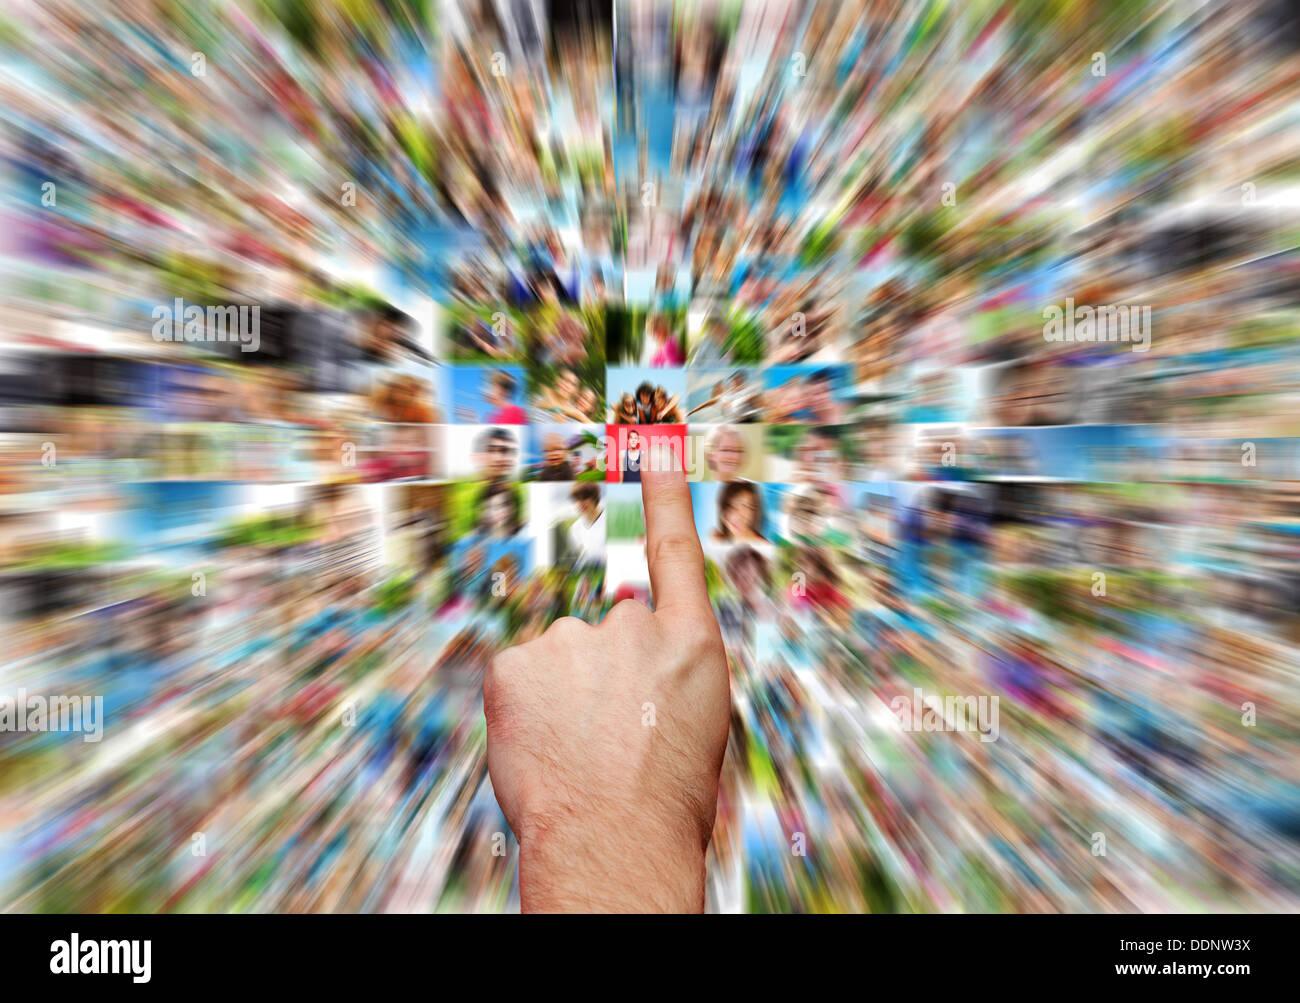 El concepto de red social media, mano seleccionando una red contacto Imagen De Stock